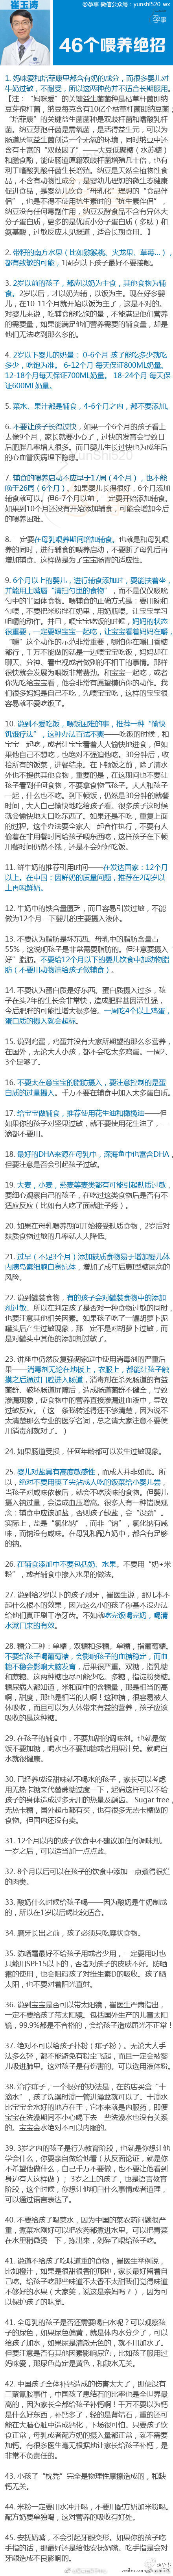 很全很实用:崔玉涛和张思莱医生育儿指导汇总